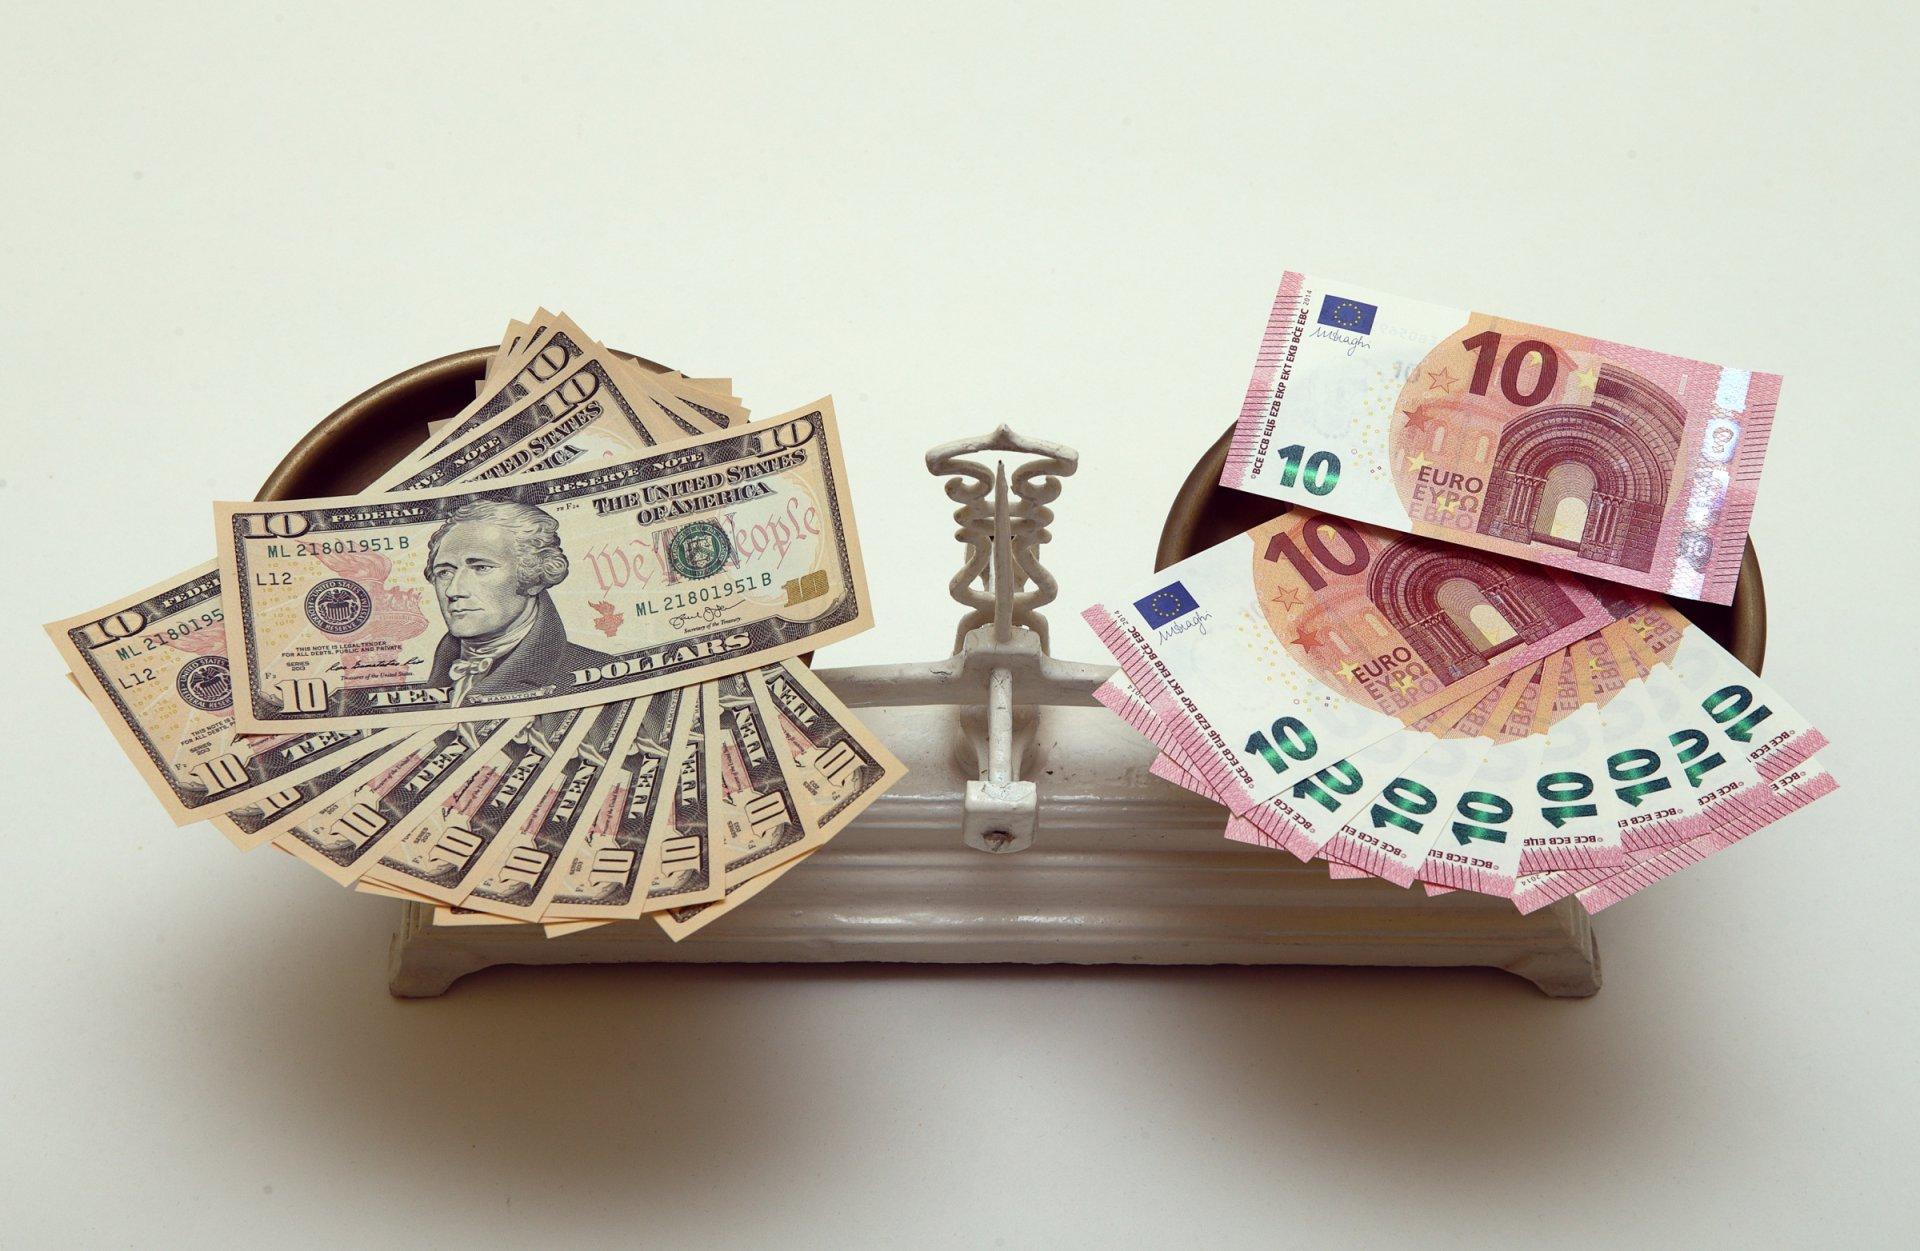 gerų dvejetainių parinkčių strategijų vaizdo įrašai užsidirbti pinigų interneto svetainėje